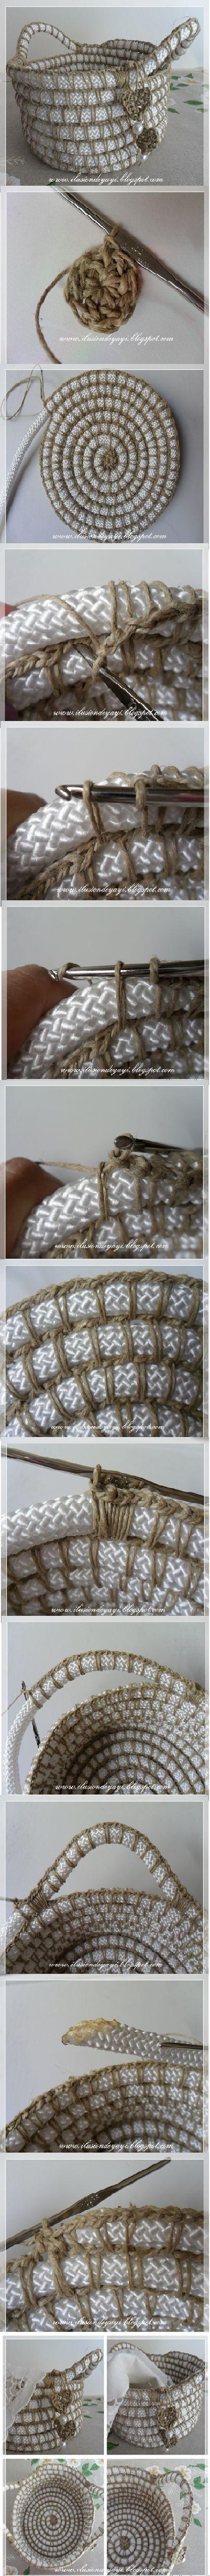 Crochet and Rope Basket - Tutorial ❥ 4U // hf